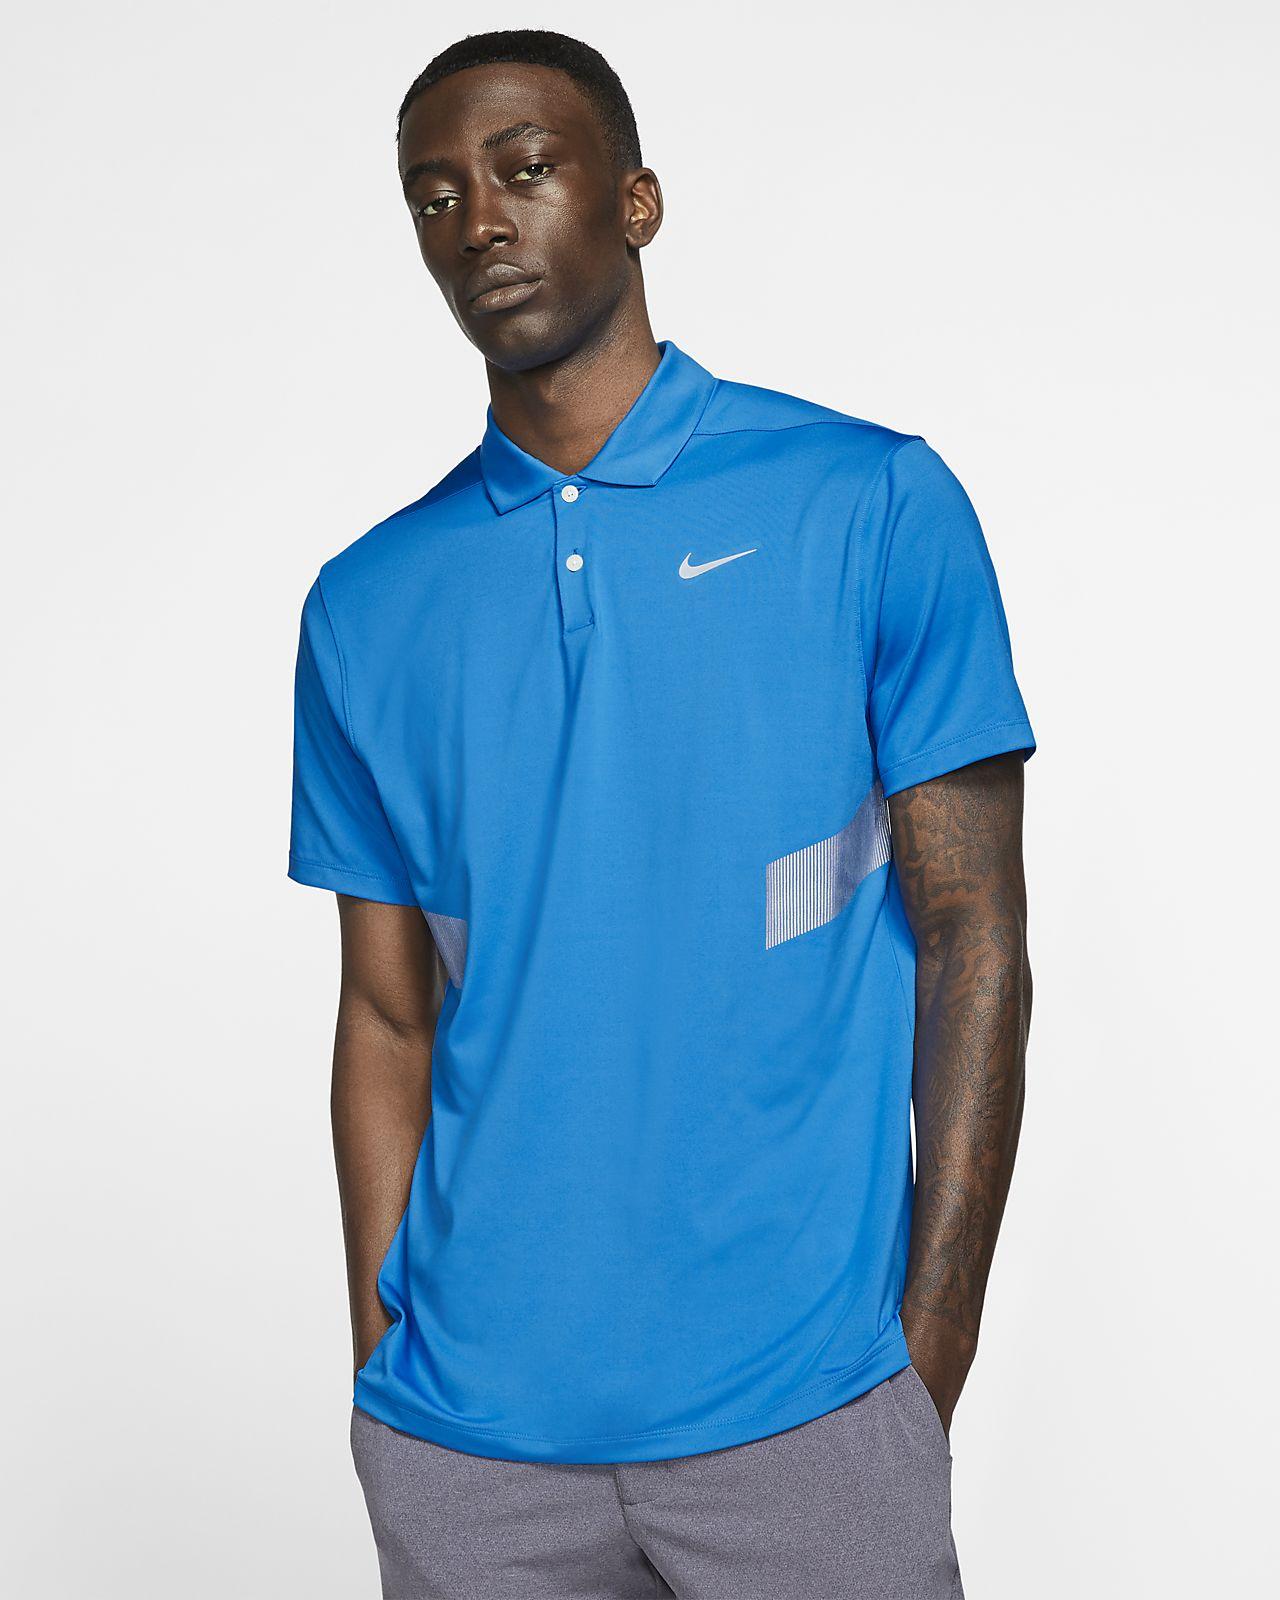 Nike Dri-FIT Vapor golfskjorte til herre